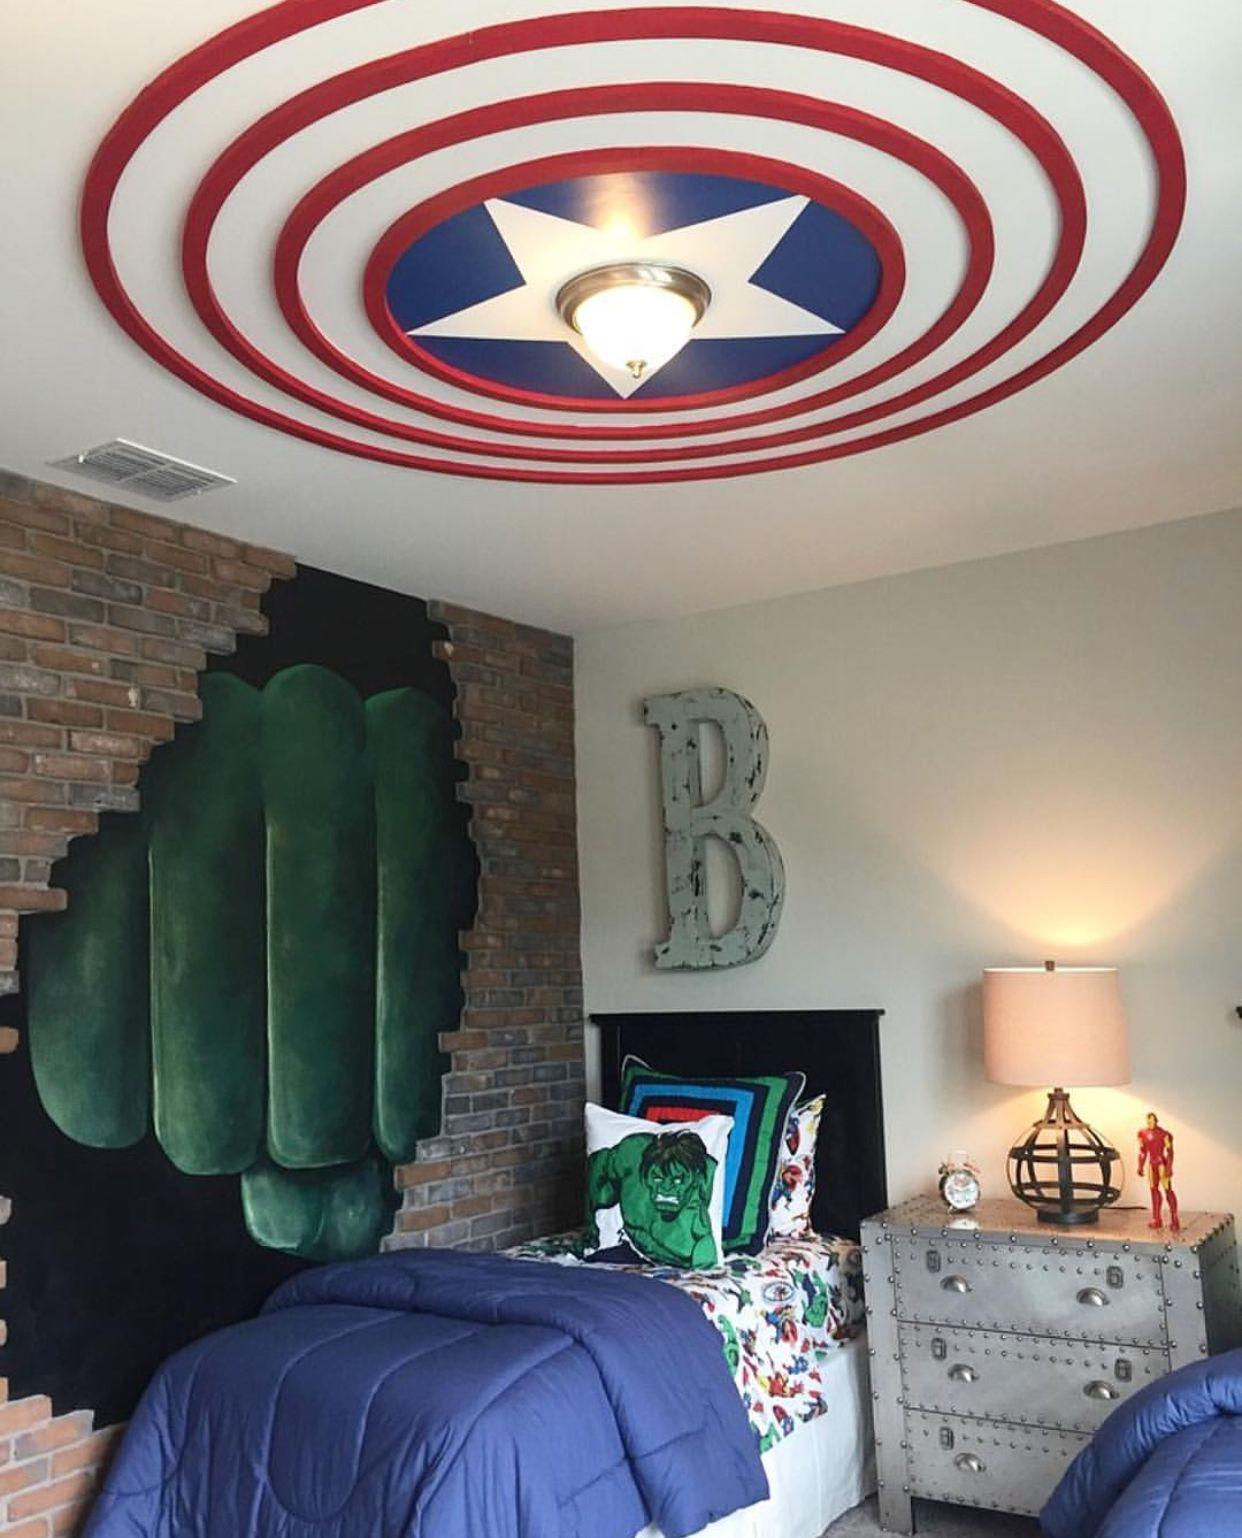 Kids Room Marvel Bedroom Marvel Room Superhero Room